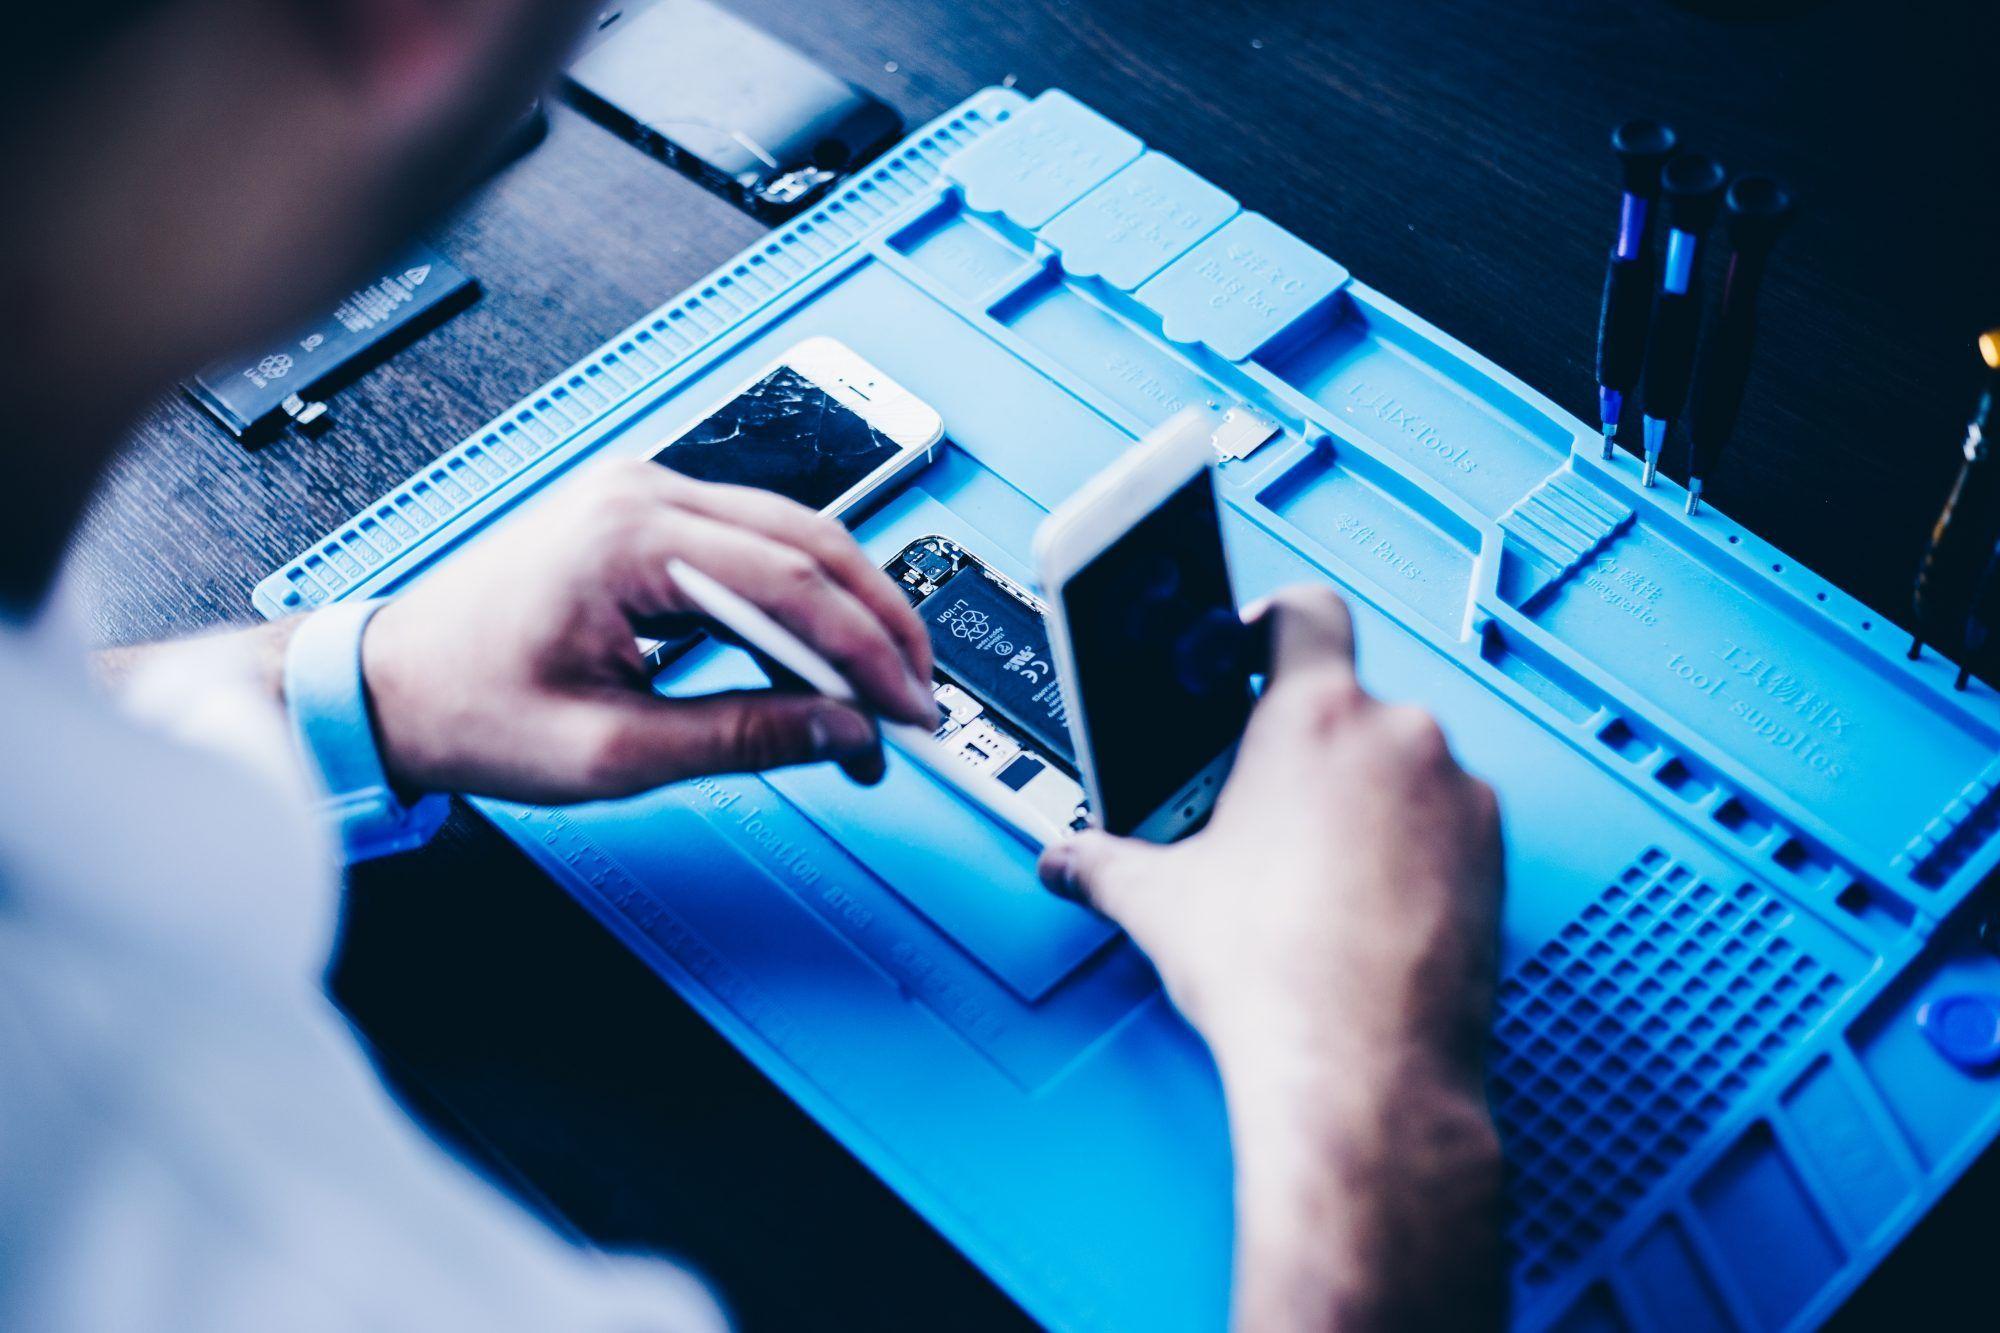 Curso de reparación de iPhone y microsoldadura presenciales y personalizados